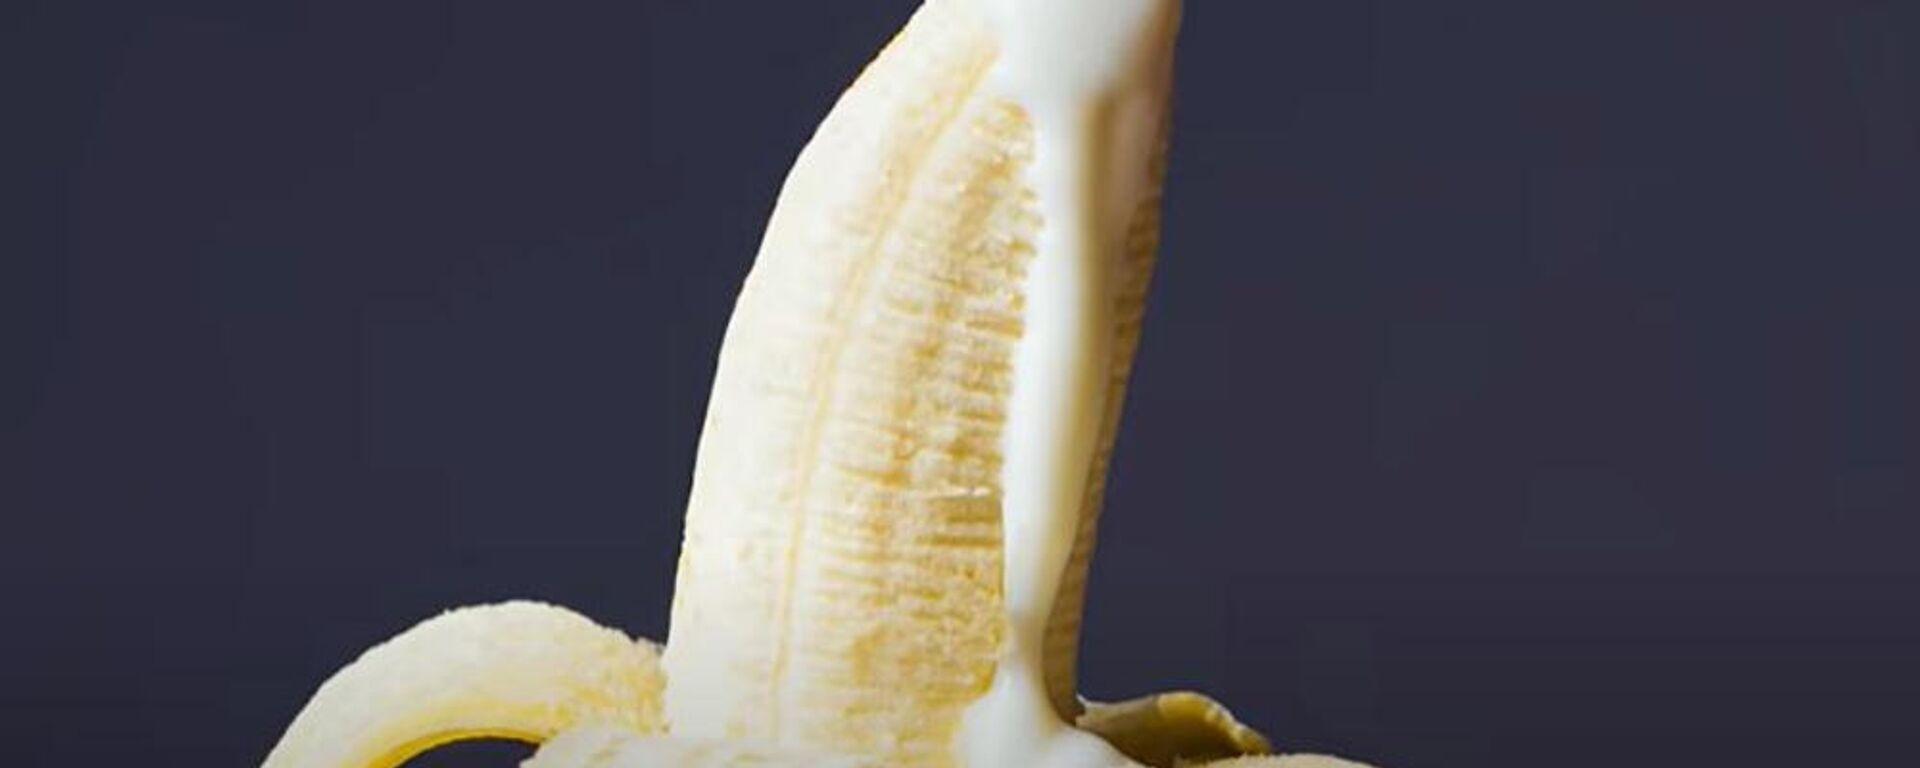 Μια μπανάνα (φωτ. αρχείου) - Sputnik Ελλάδα, 1920, 07.09.2021